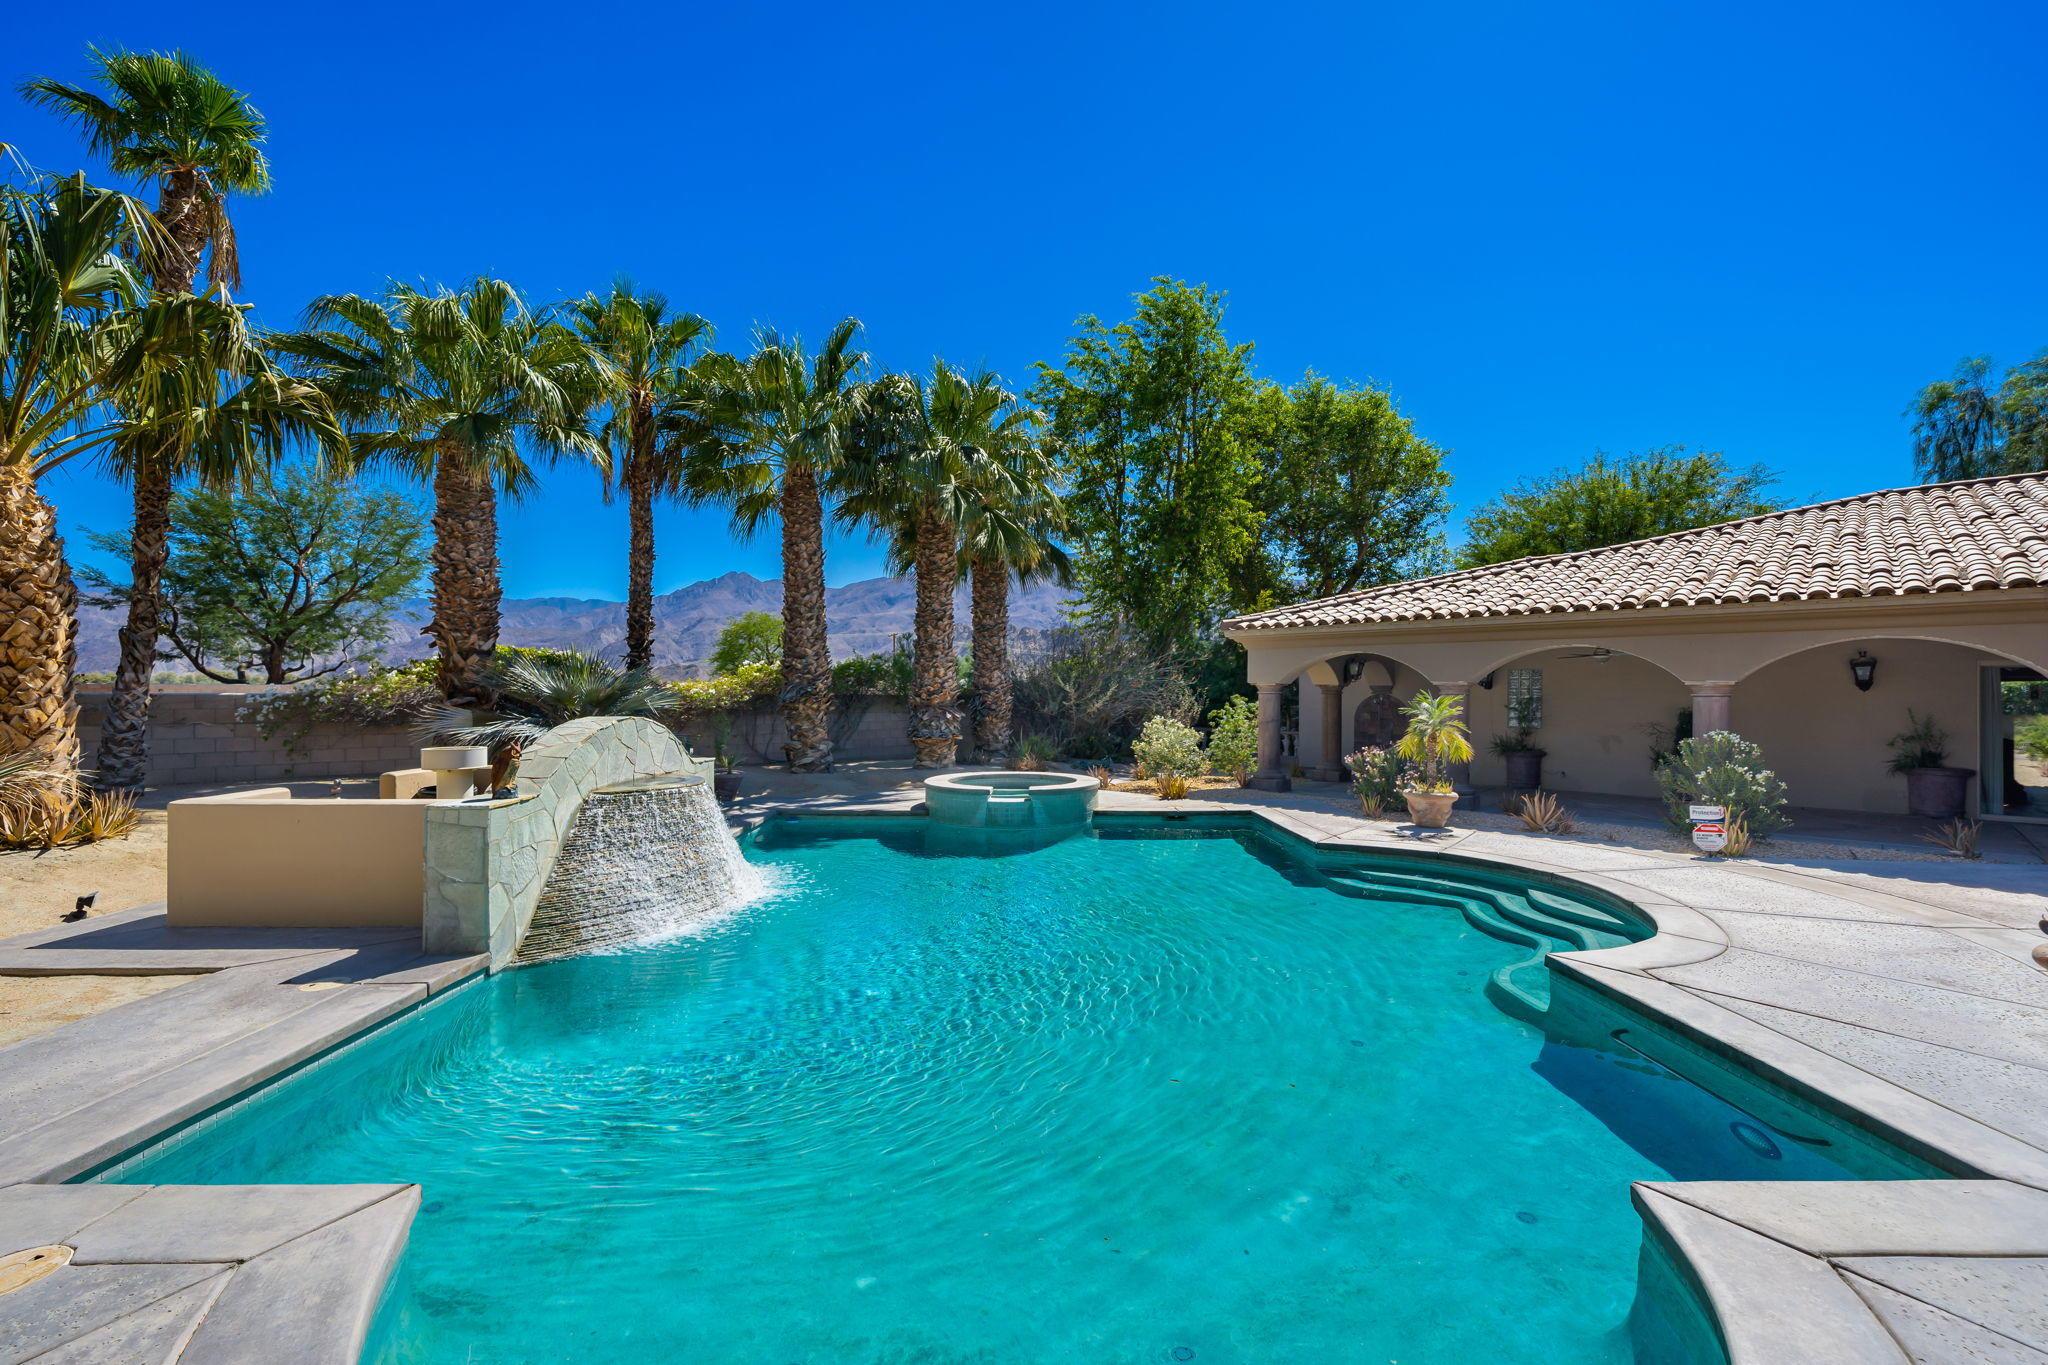 Photo of 80821 Vista Lazo, La Quinta, CA 92253